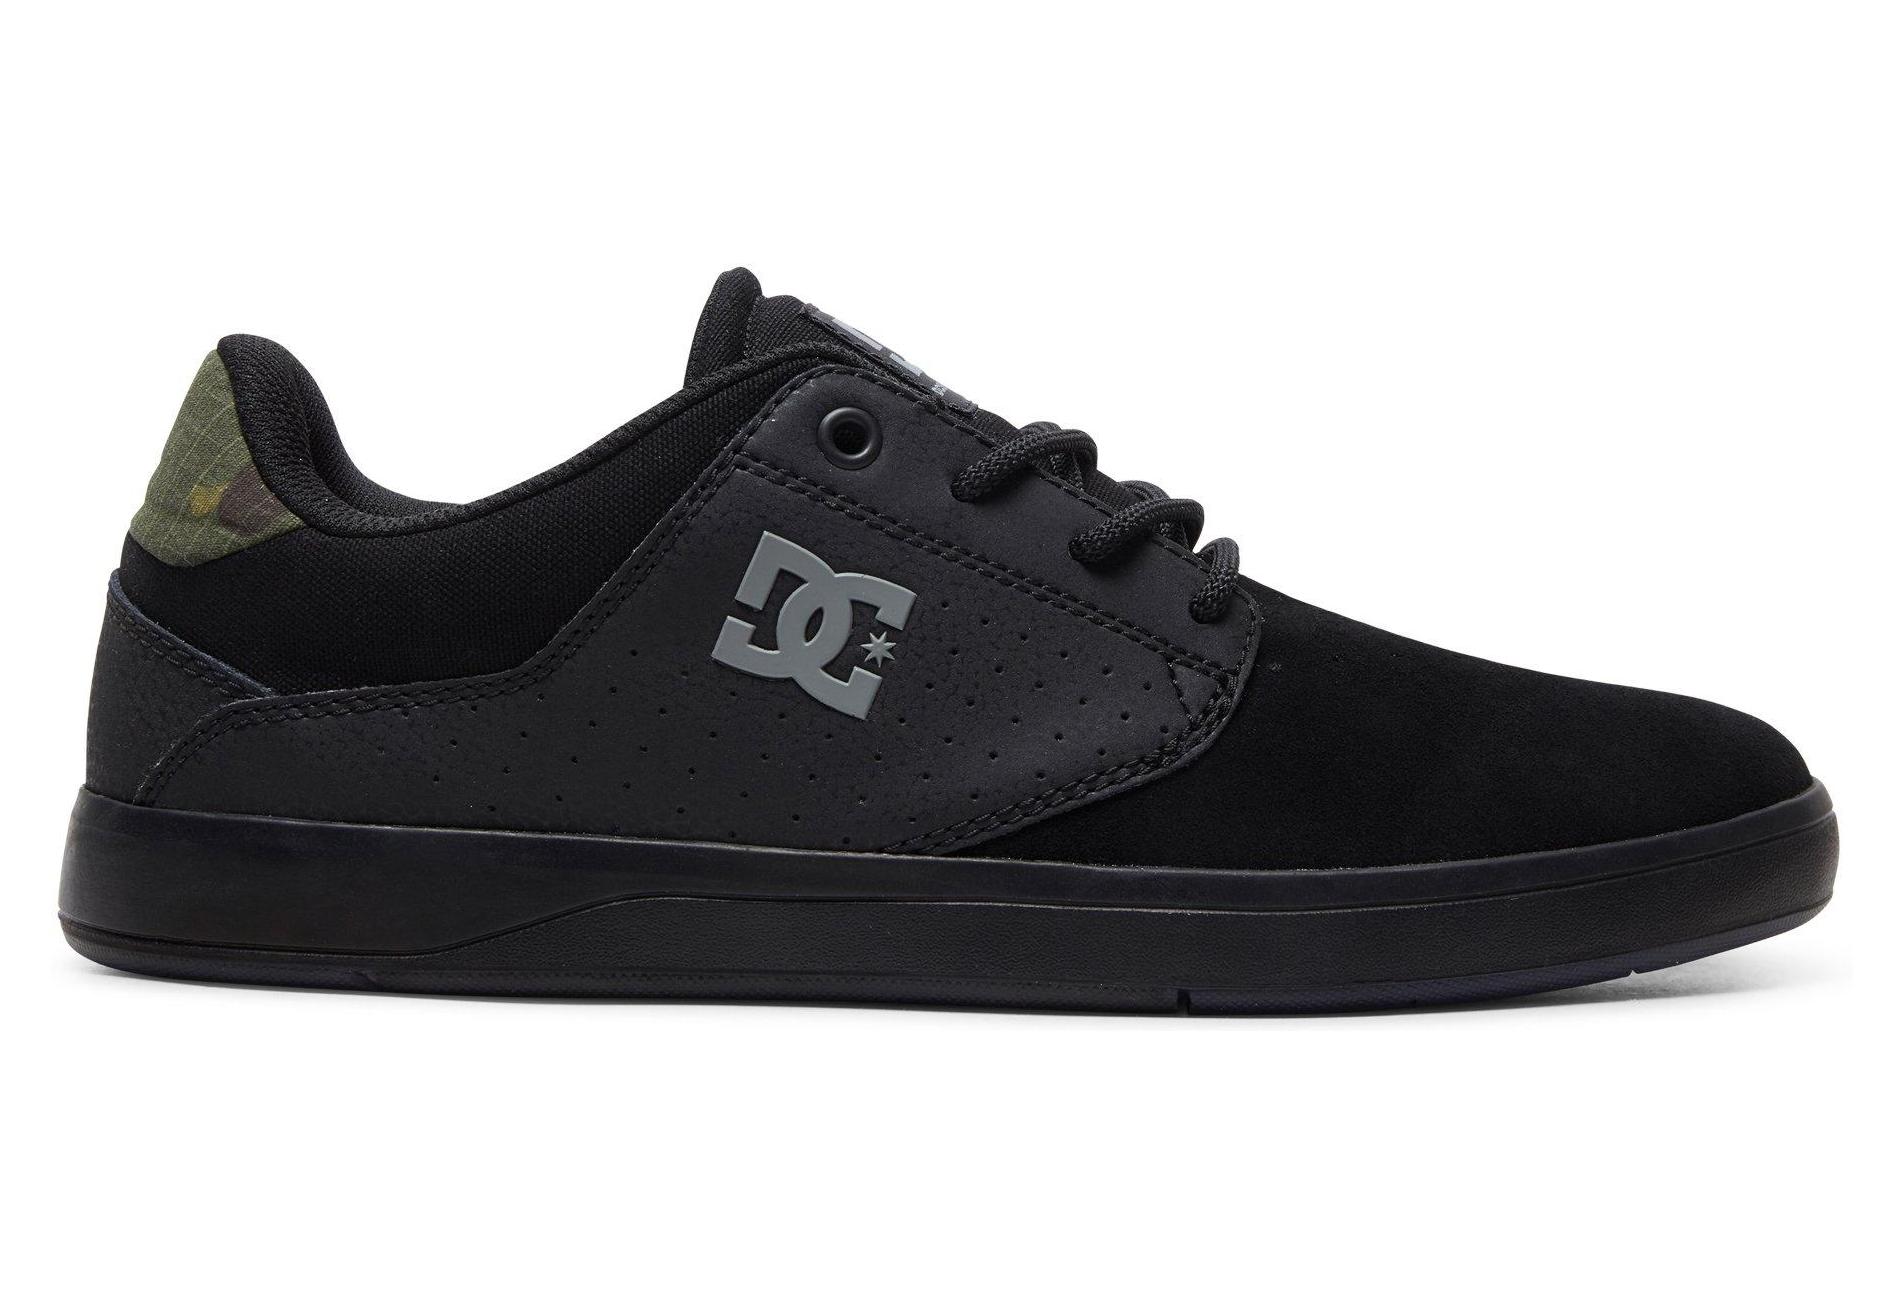 DC Shoes Plaza TC Shoes Black / Camo